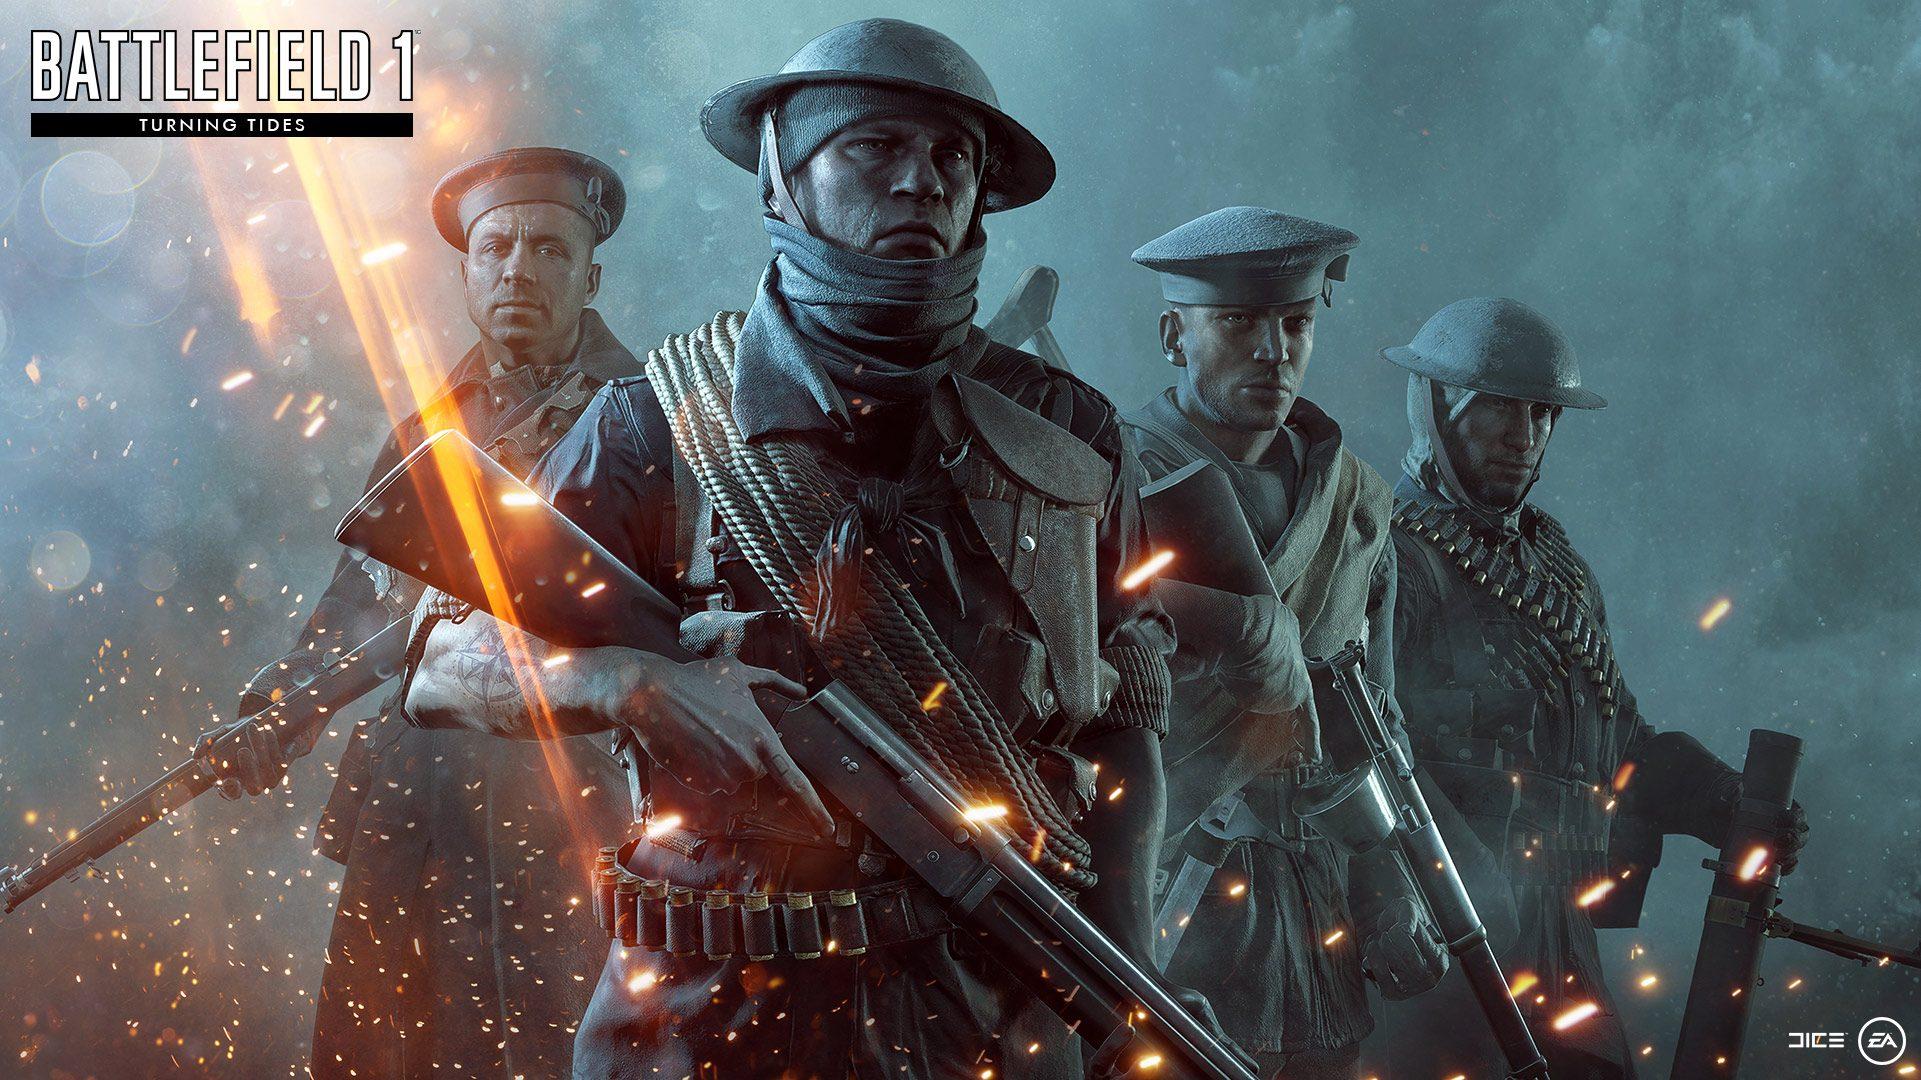 Nové koncepty přibližují první světovou válku v podání expanze Battlefield 1: Turning Tides 151676